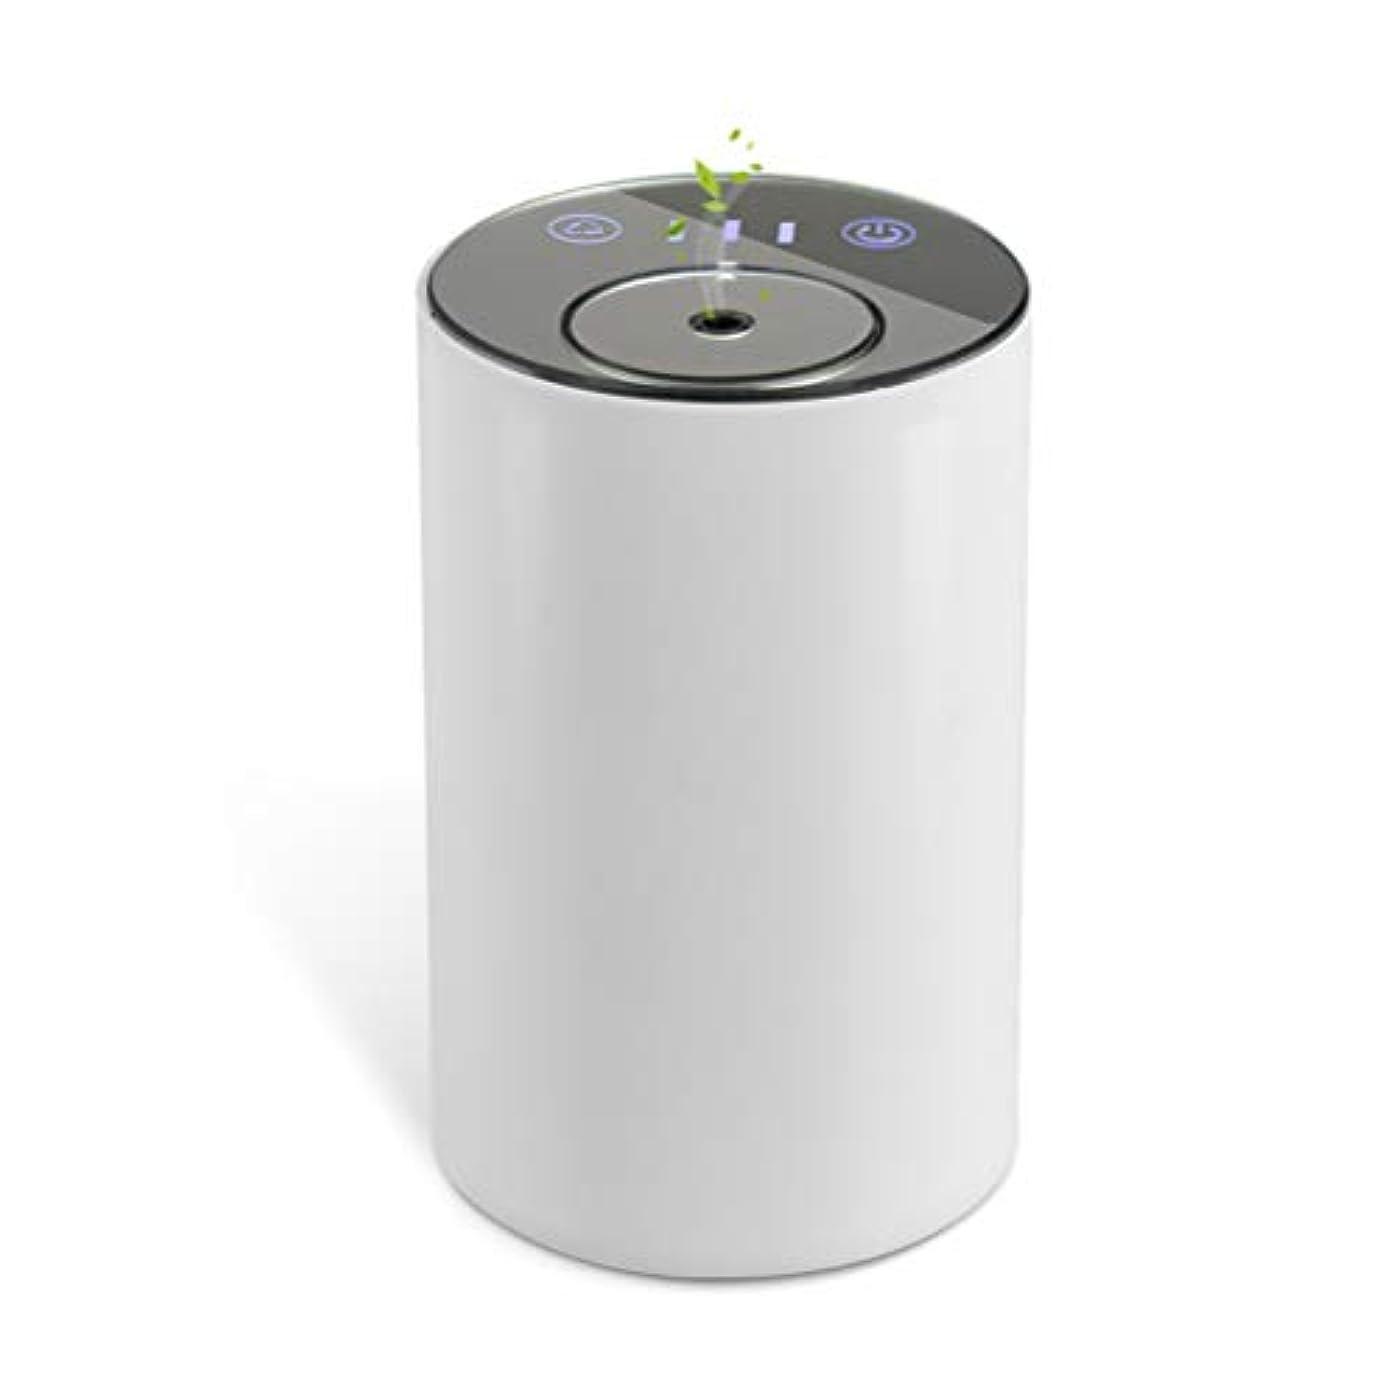 アプローチ永続パーフェルビッドアロマディフューザー ネブライザー式 水なし 充電式 静音 噴霧 ミスト量調整可 タイマー機能 車用 エッセンシャルオイルの節約